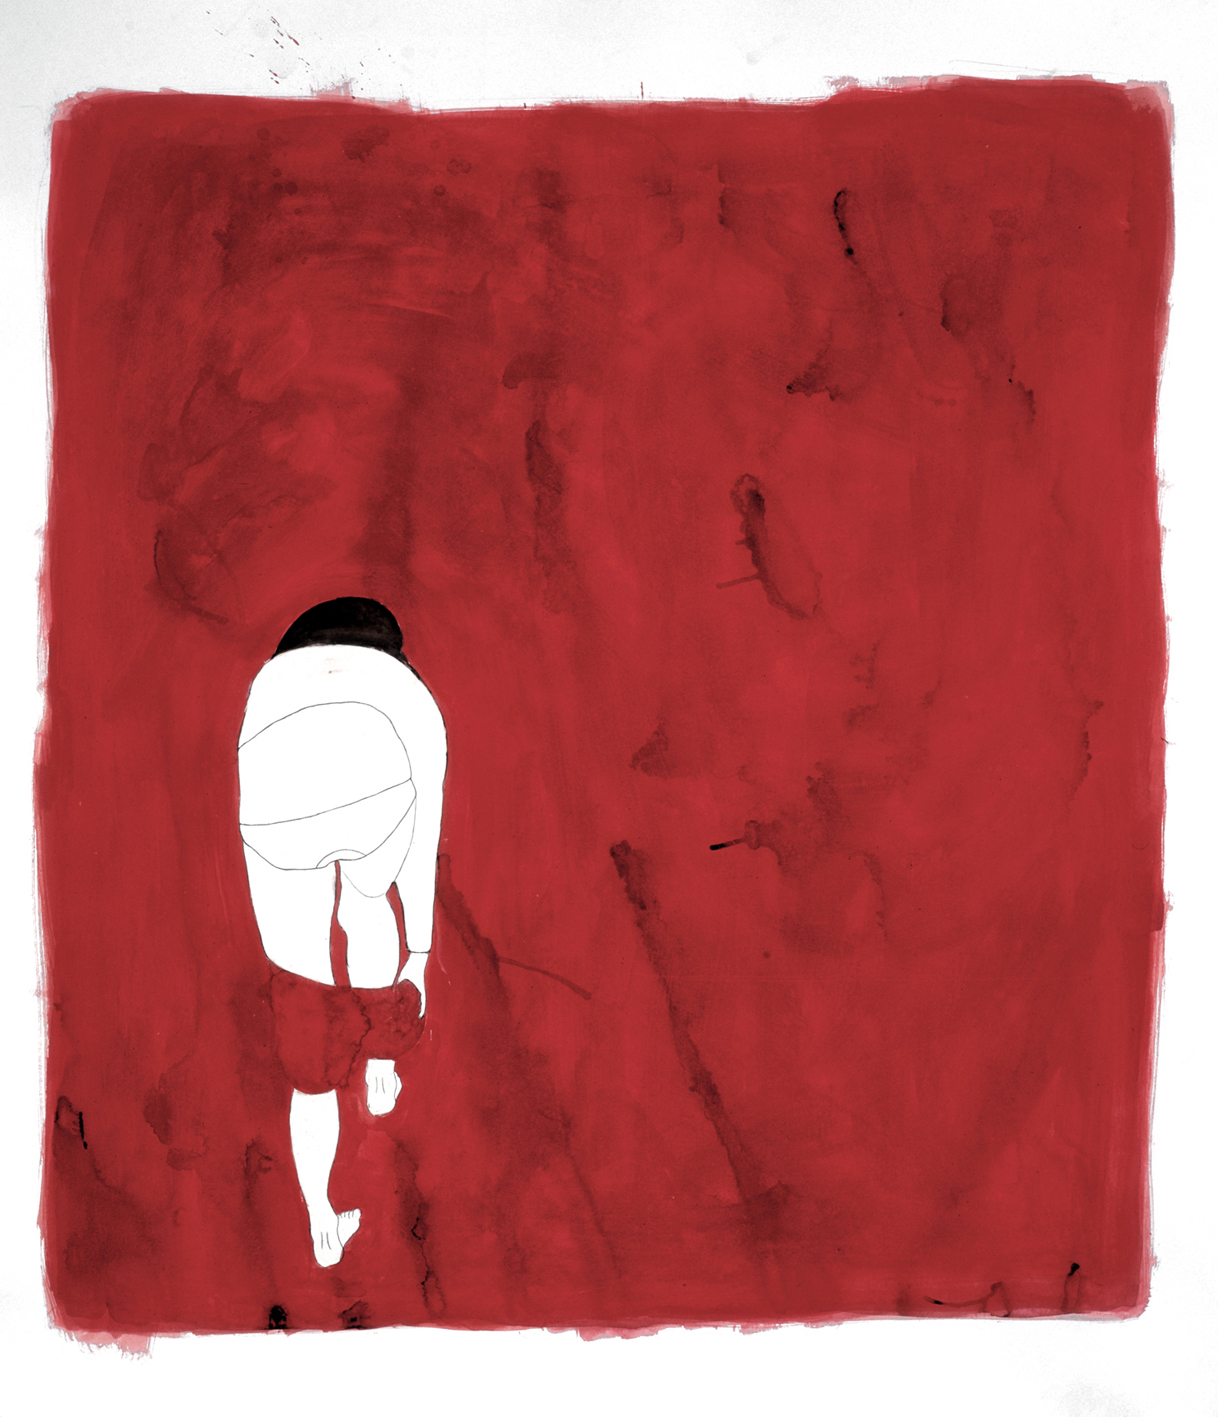 Mujer desvistiendose / Woman undressing II